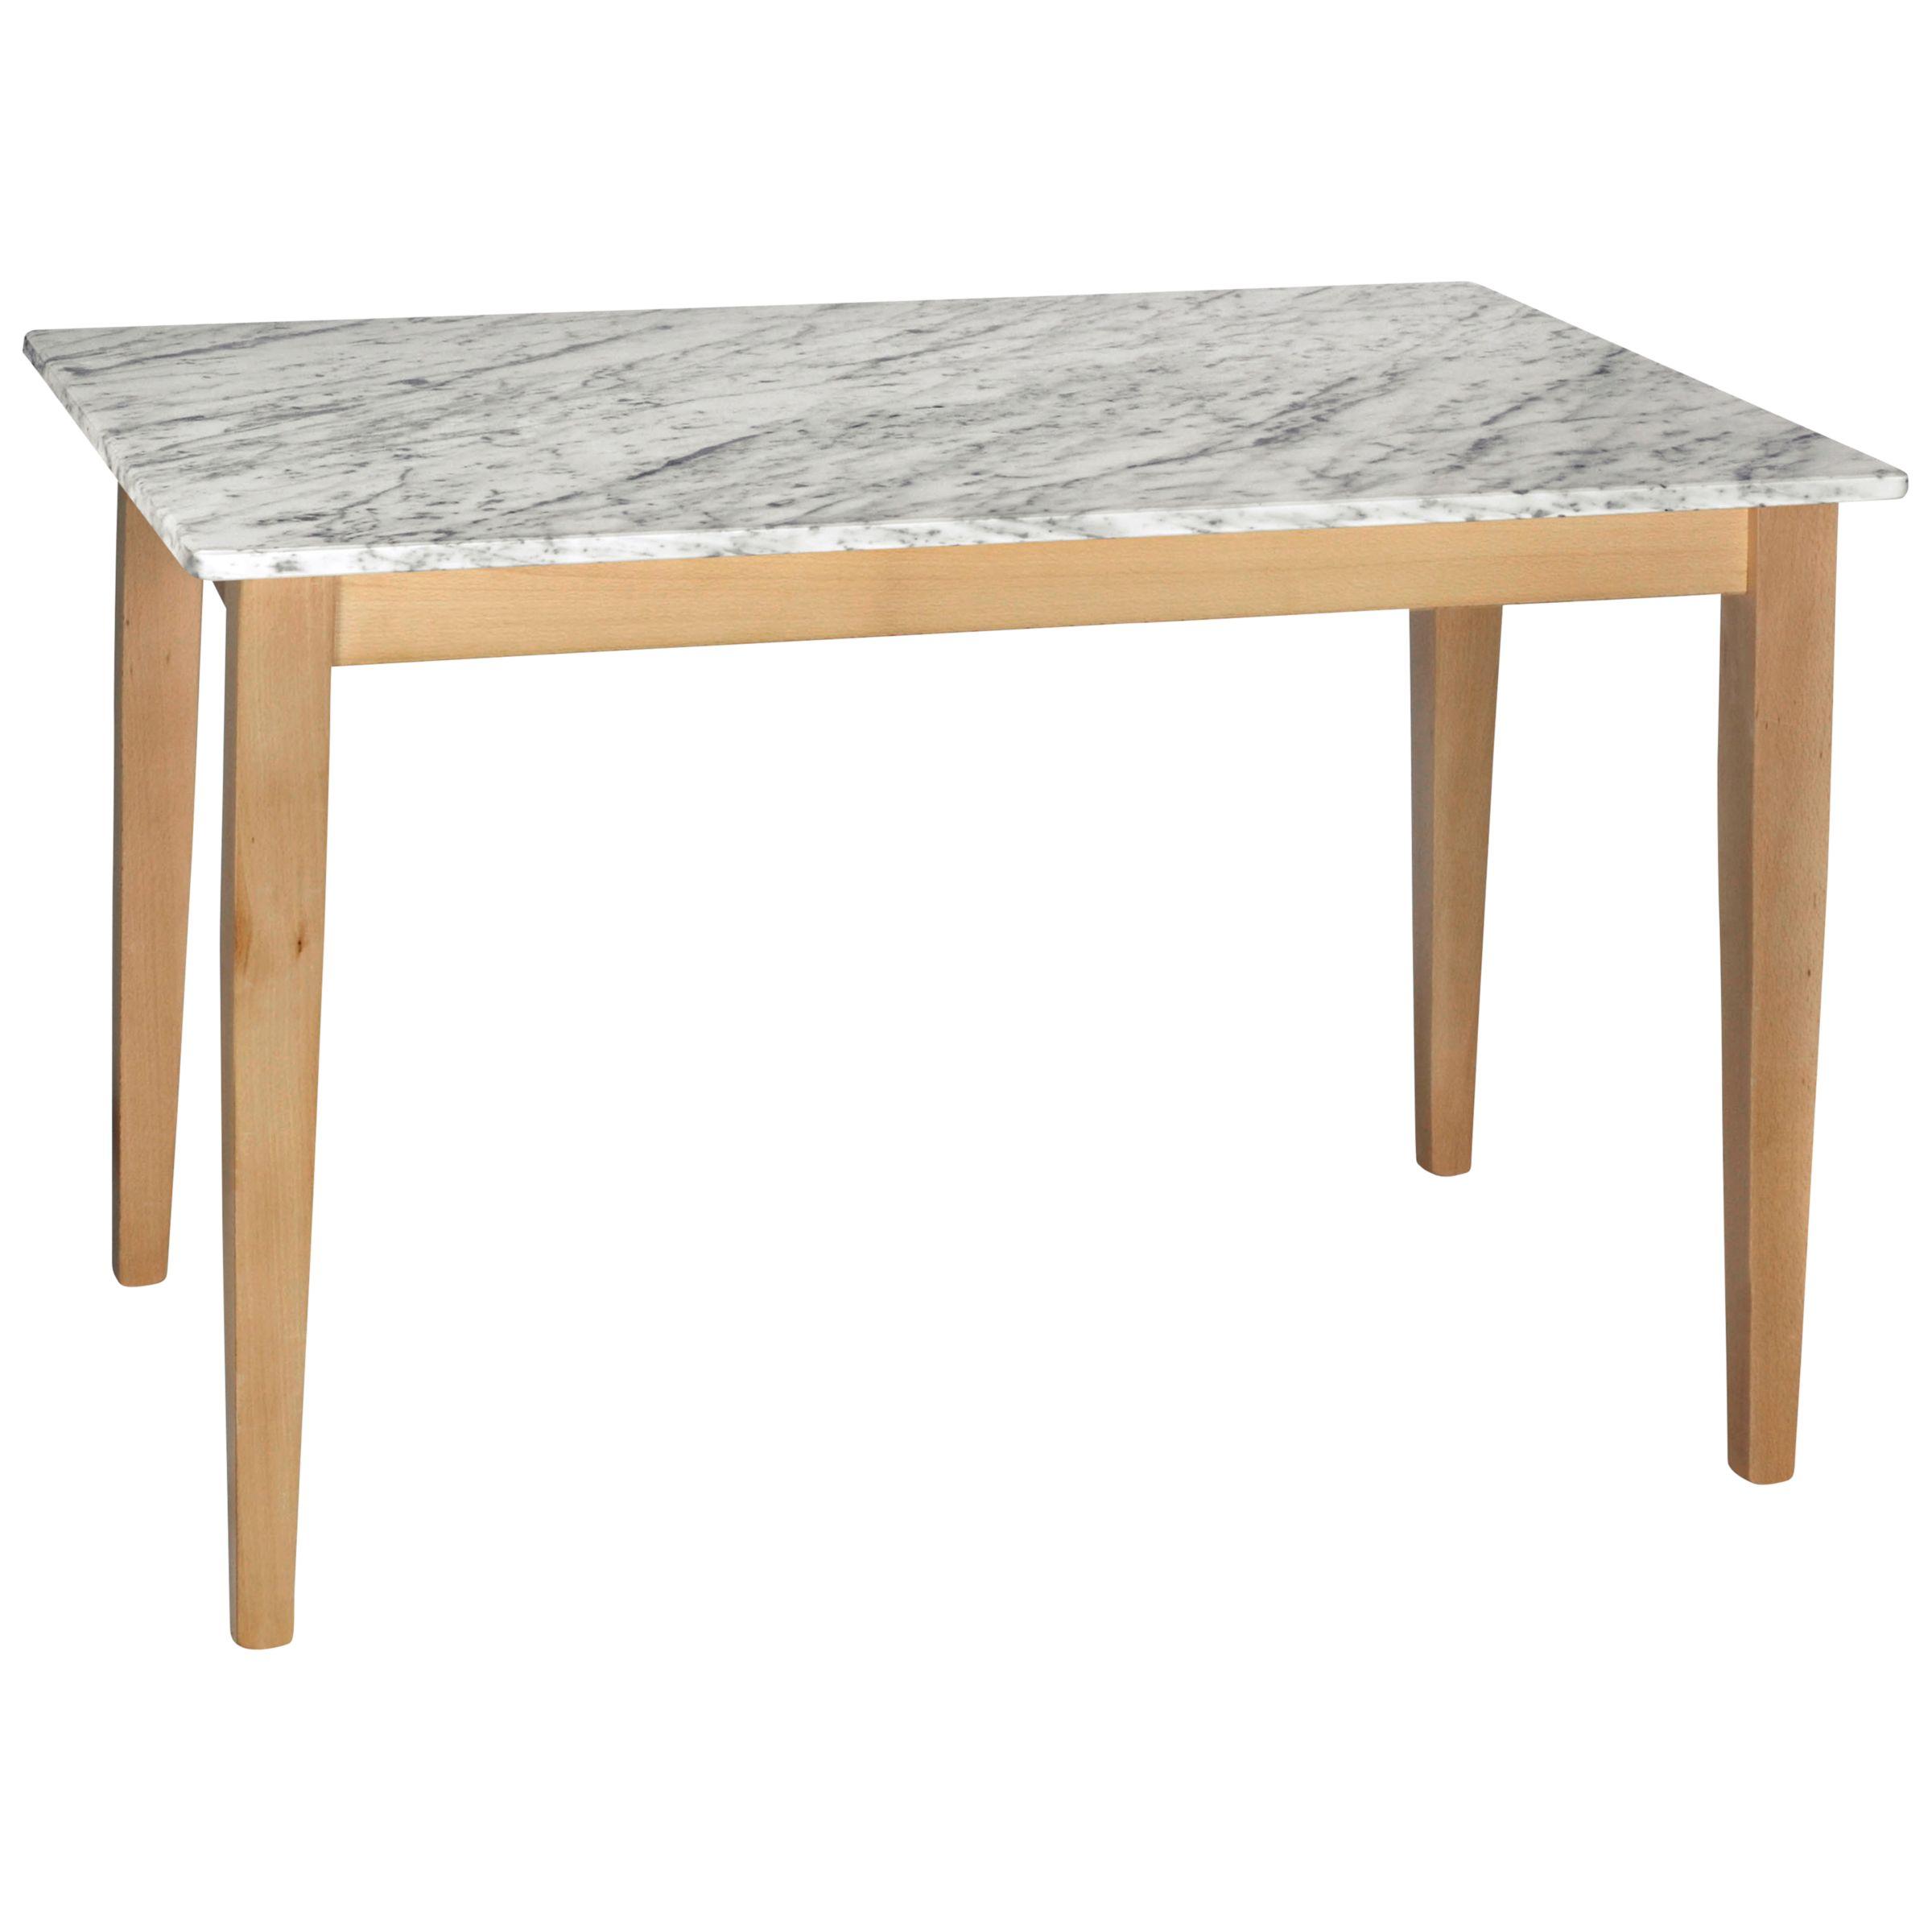 HND HND Katrina 4 Seater Rectangular Dining Table, Carrara